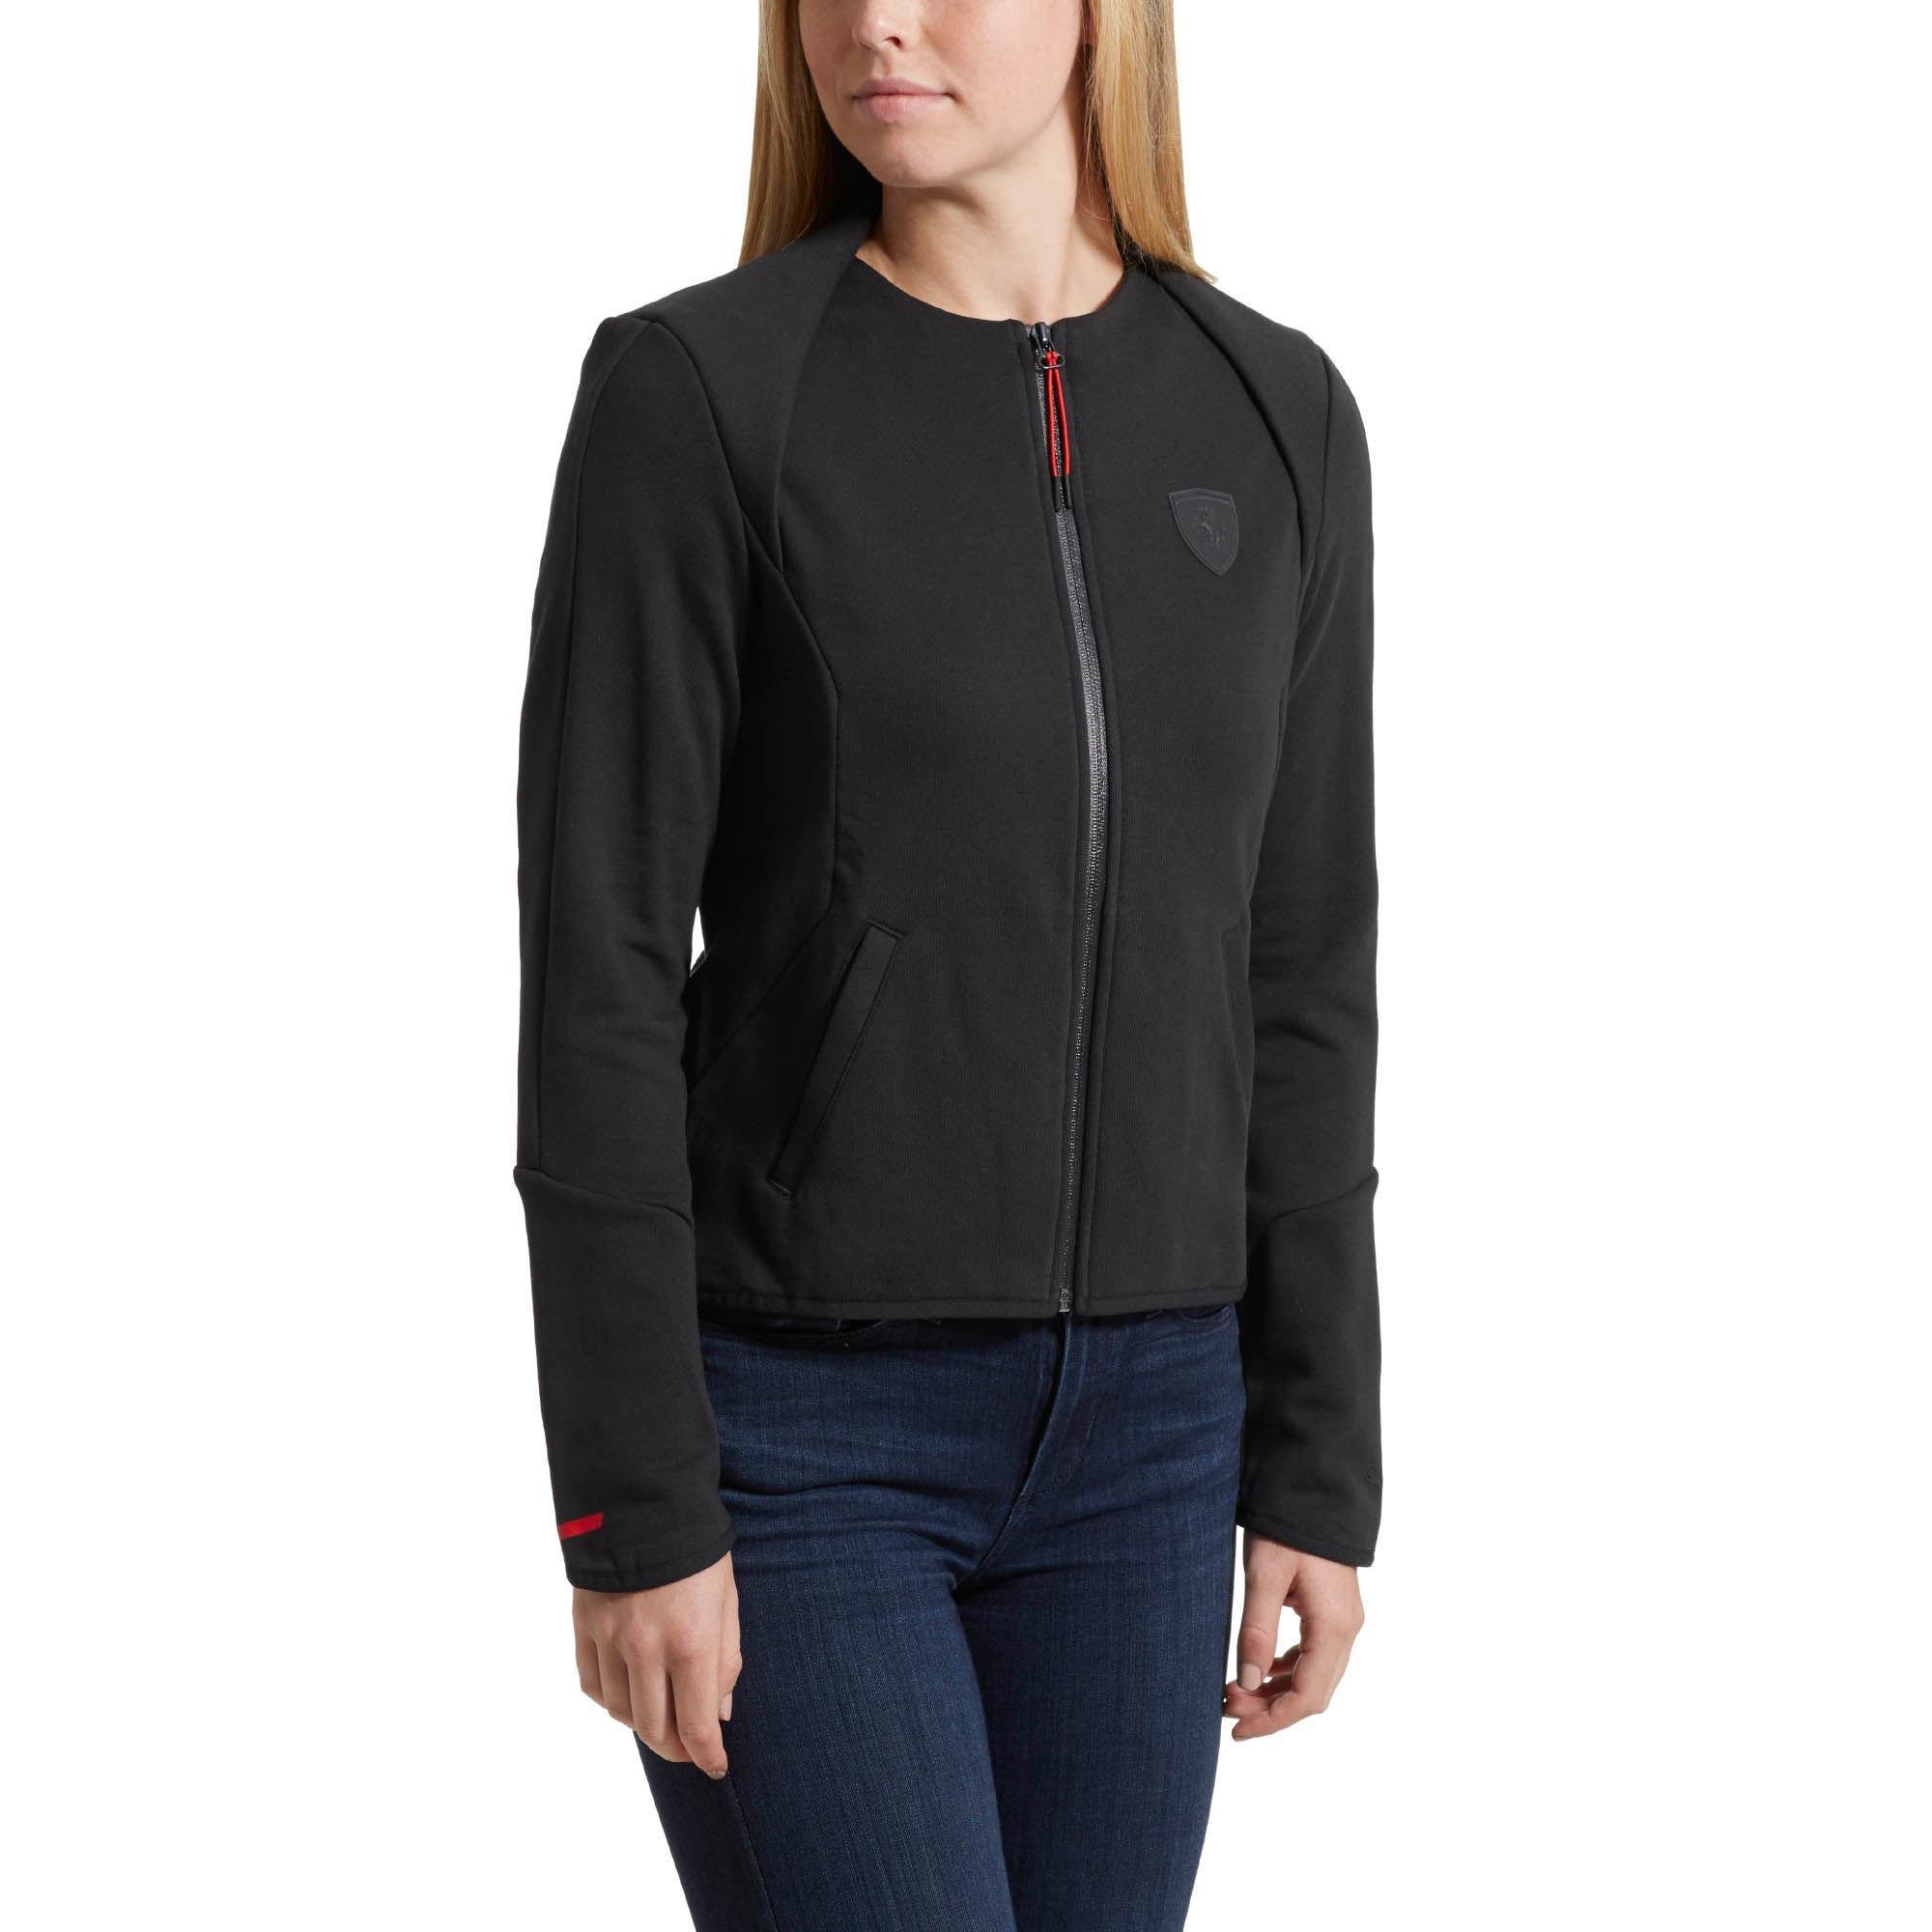 5db7e0ccb99d Lyst - PUMA Ferrari Lifestyle T7 Sweat Jacket in Black